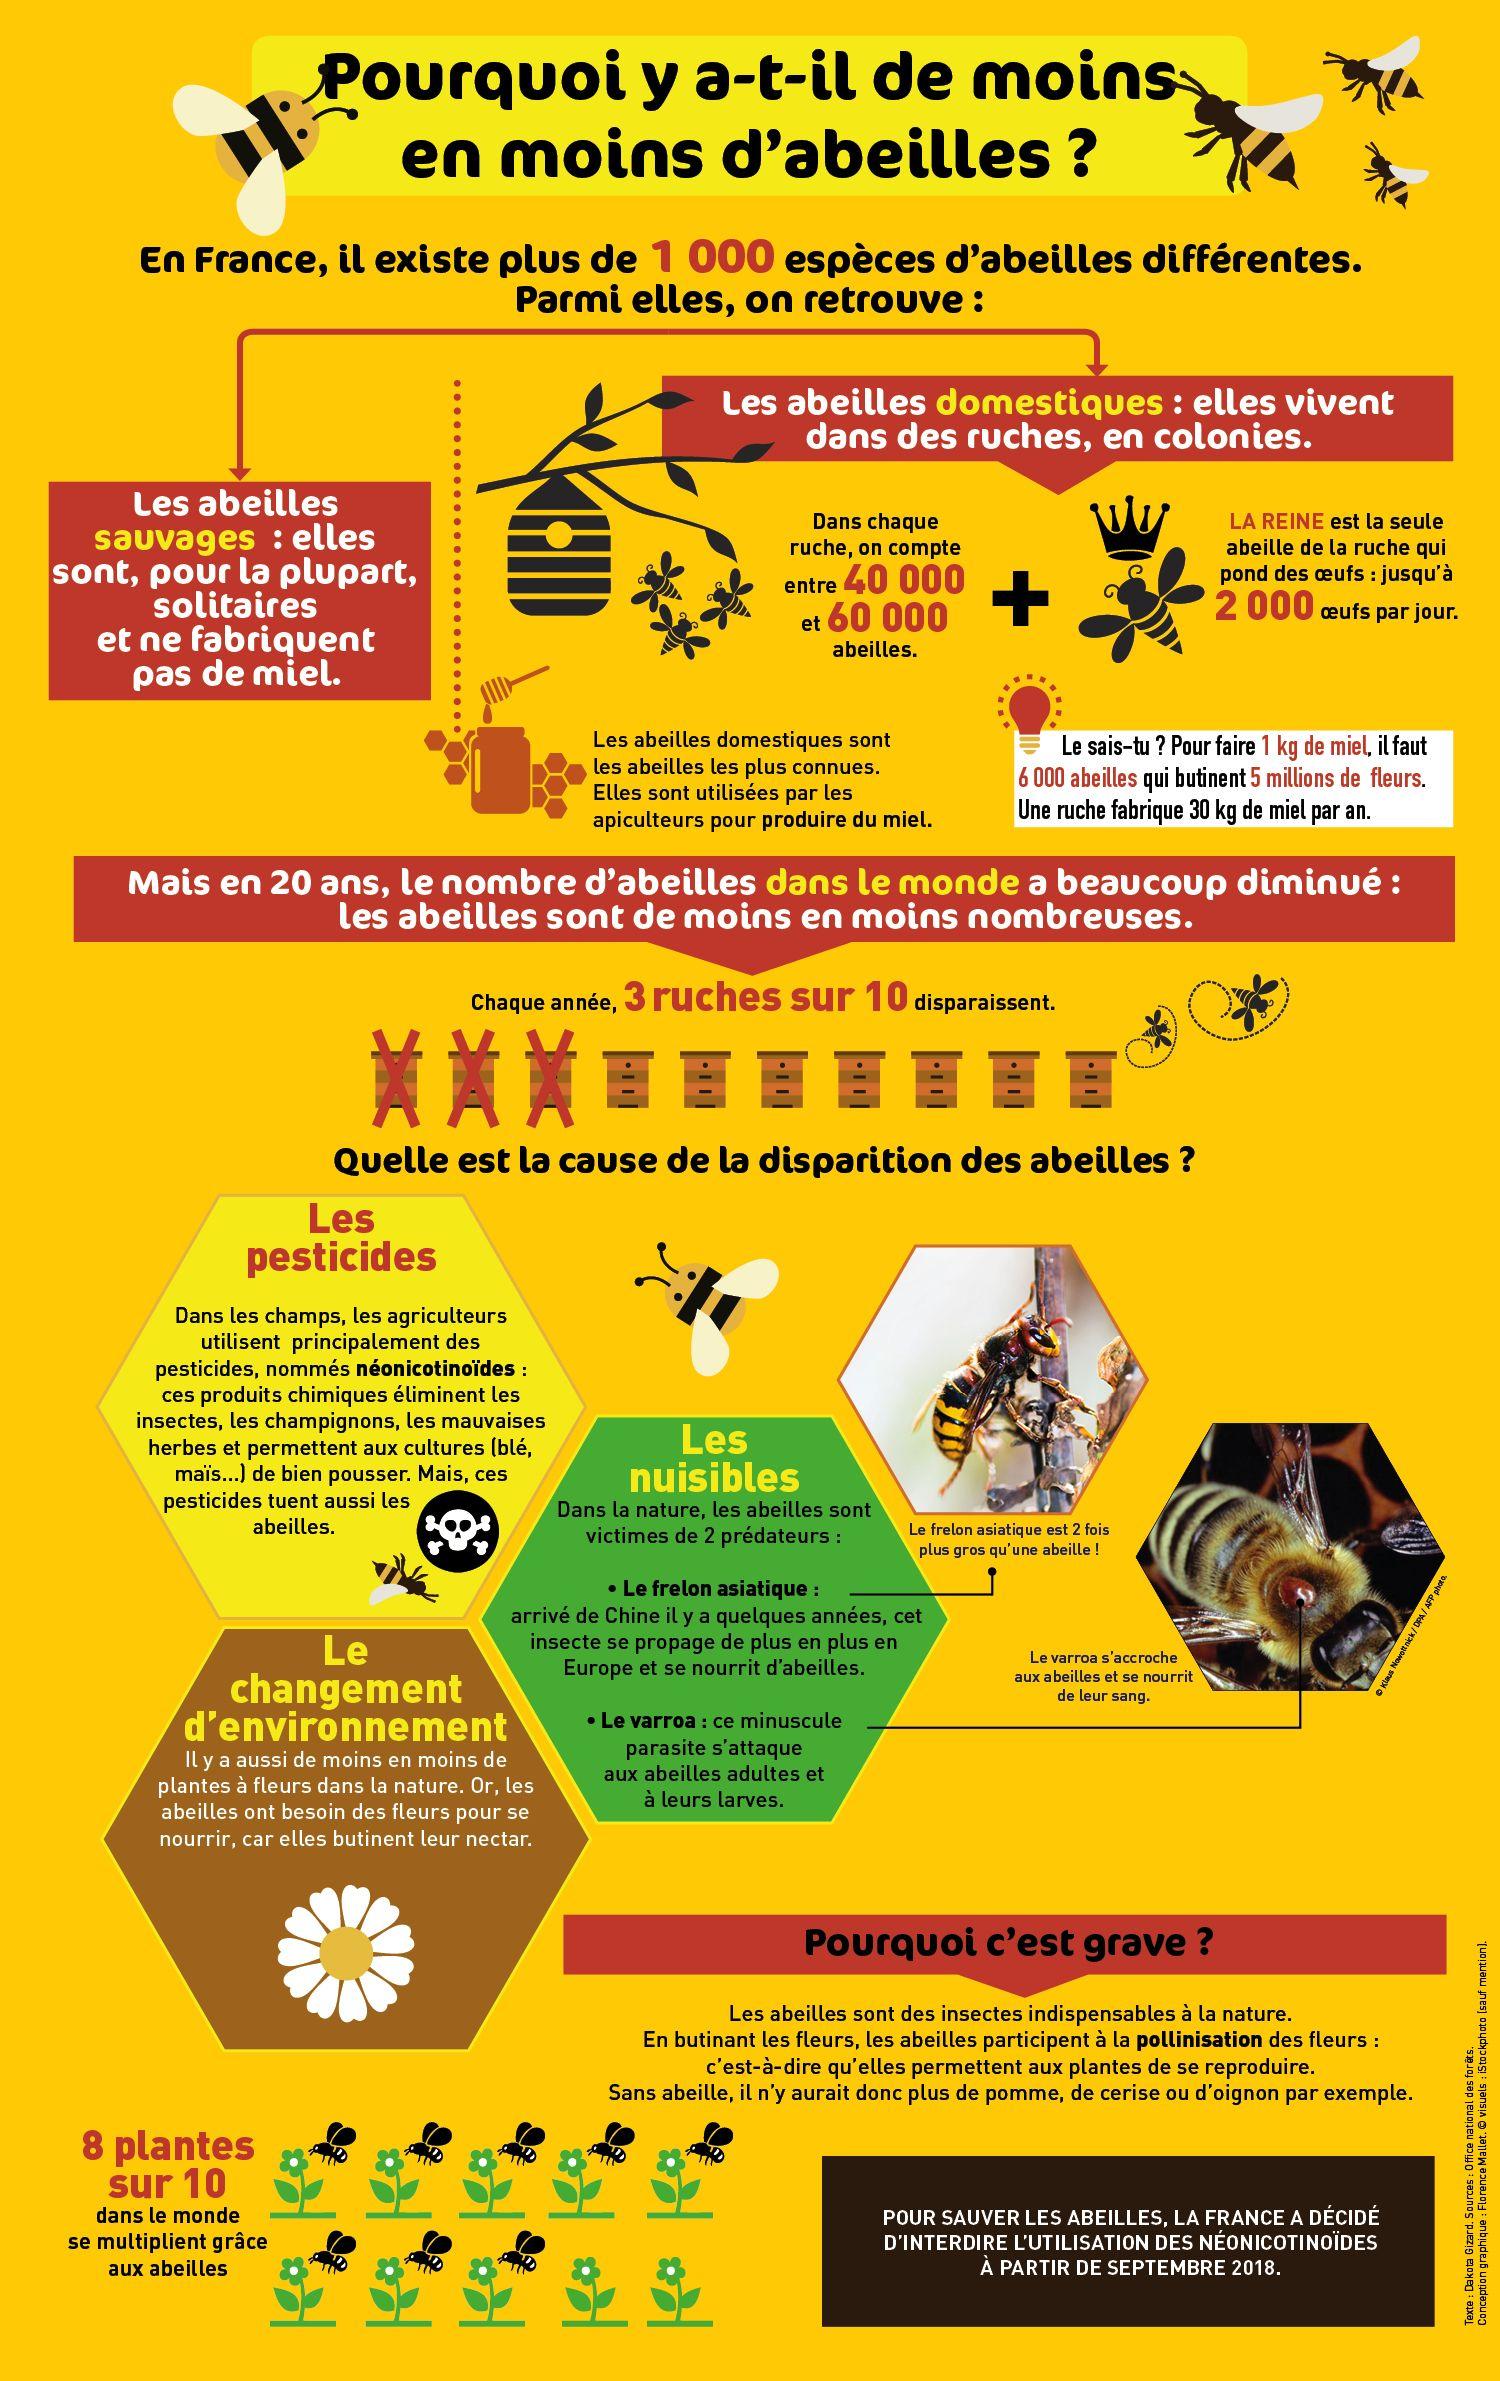 Les abeilles sont-elles menacées ?